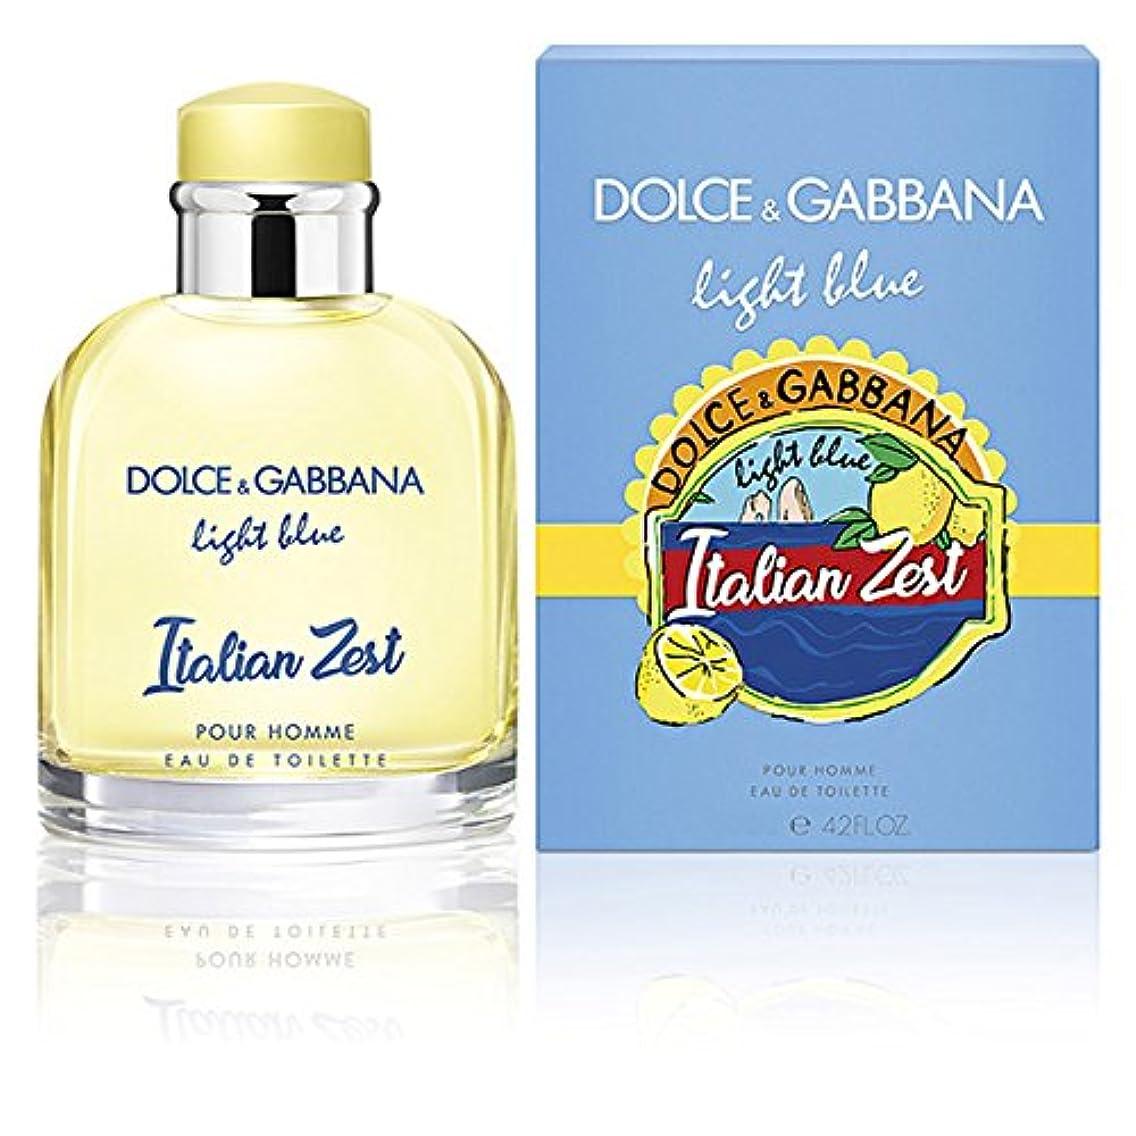 サスティーン栄養アフリカドルチェ&ガッバーナ DOLCE&GABBANA ライトブルー イタリアン ゼスト プールオム EDT SP 75ml